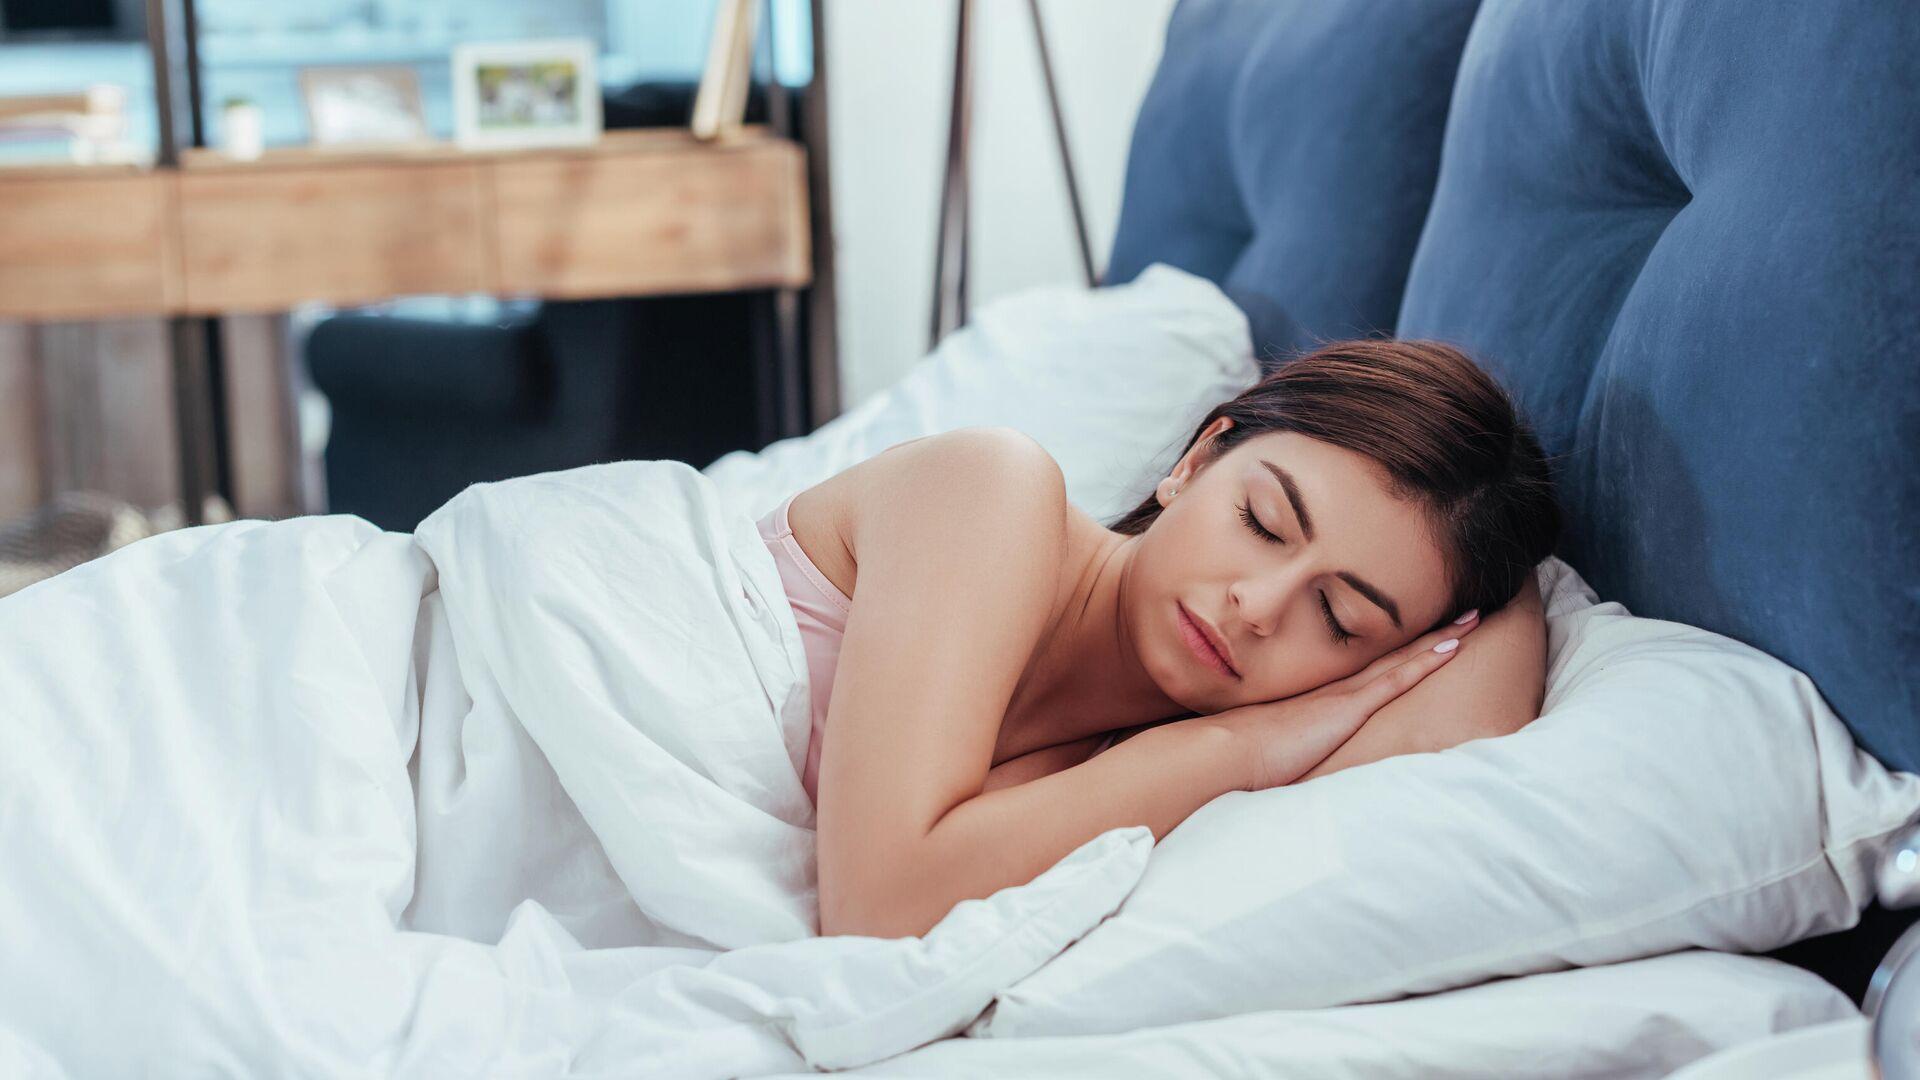 Эксперт рассказал об опасности сна с телефоном под подушкой